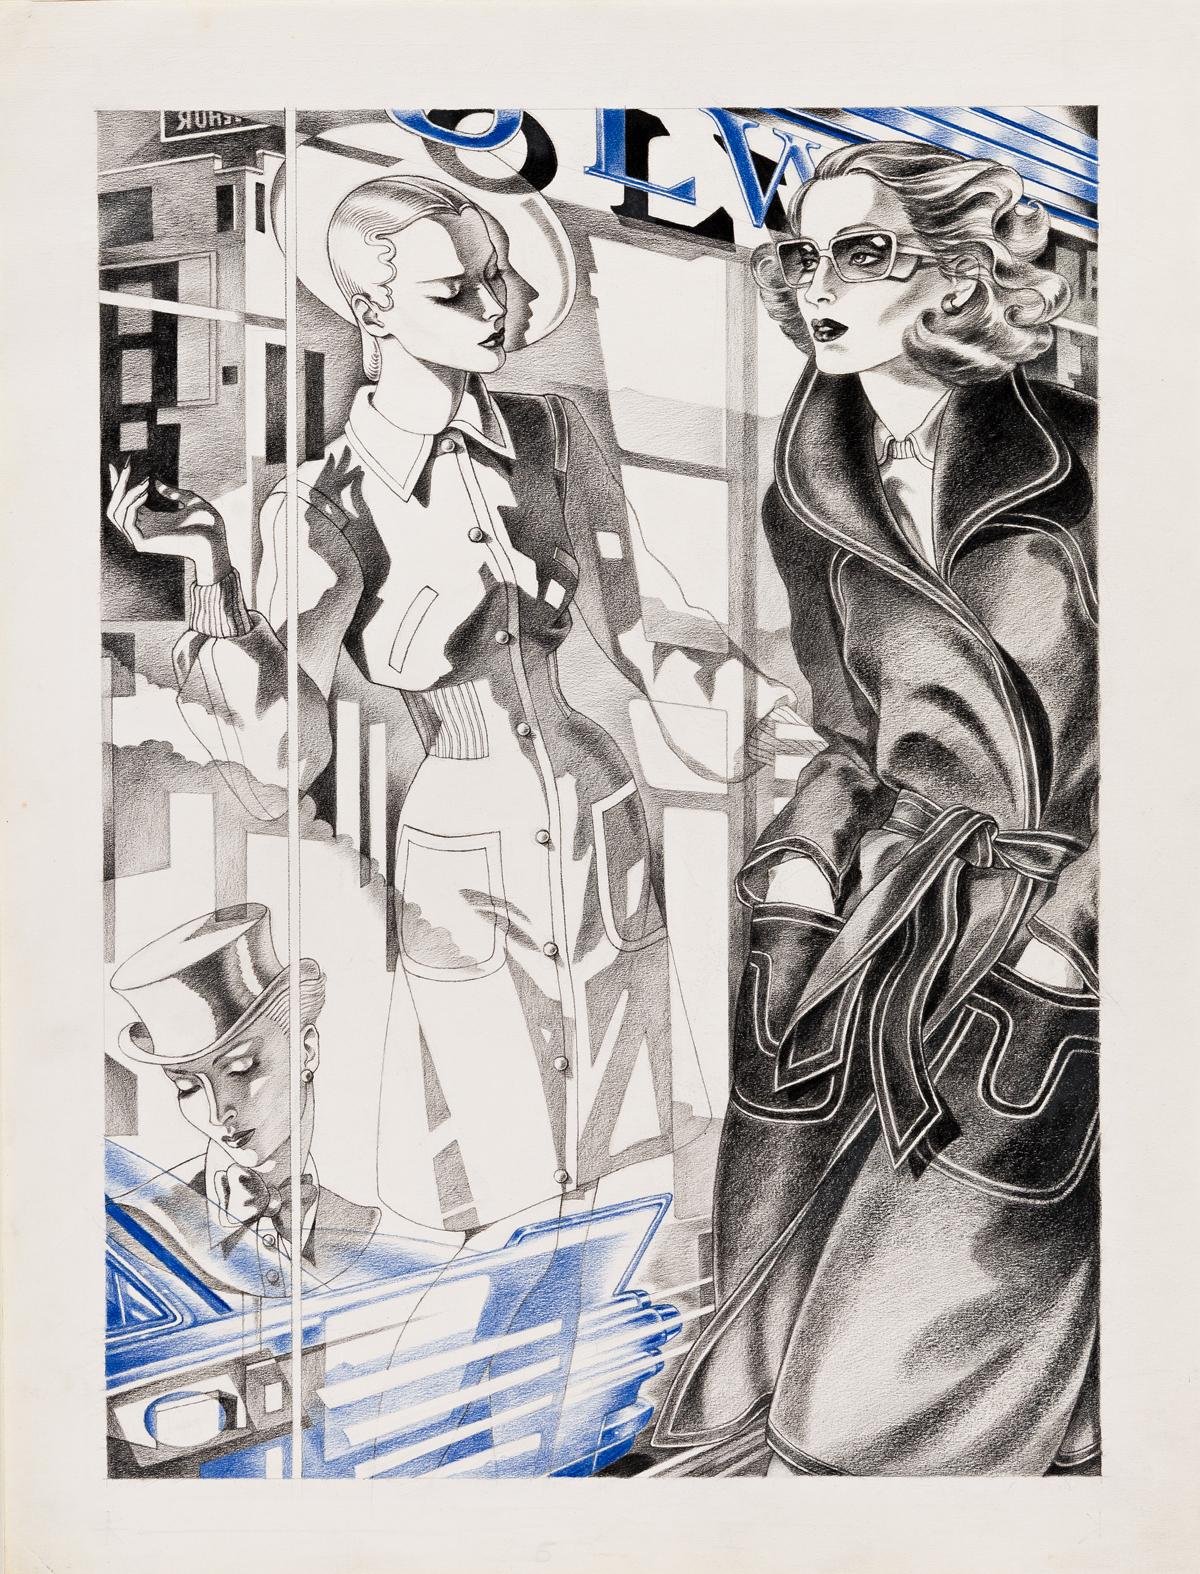 ANTONIO LOPEZ (1943-1987) Illustrée par Antonio. Voici la mode boutique été soixante treize.